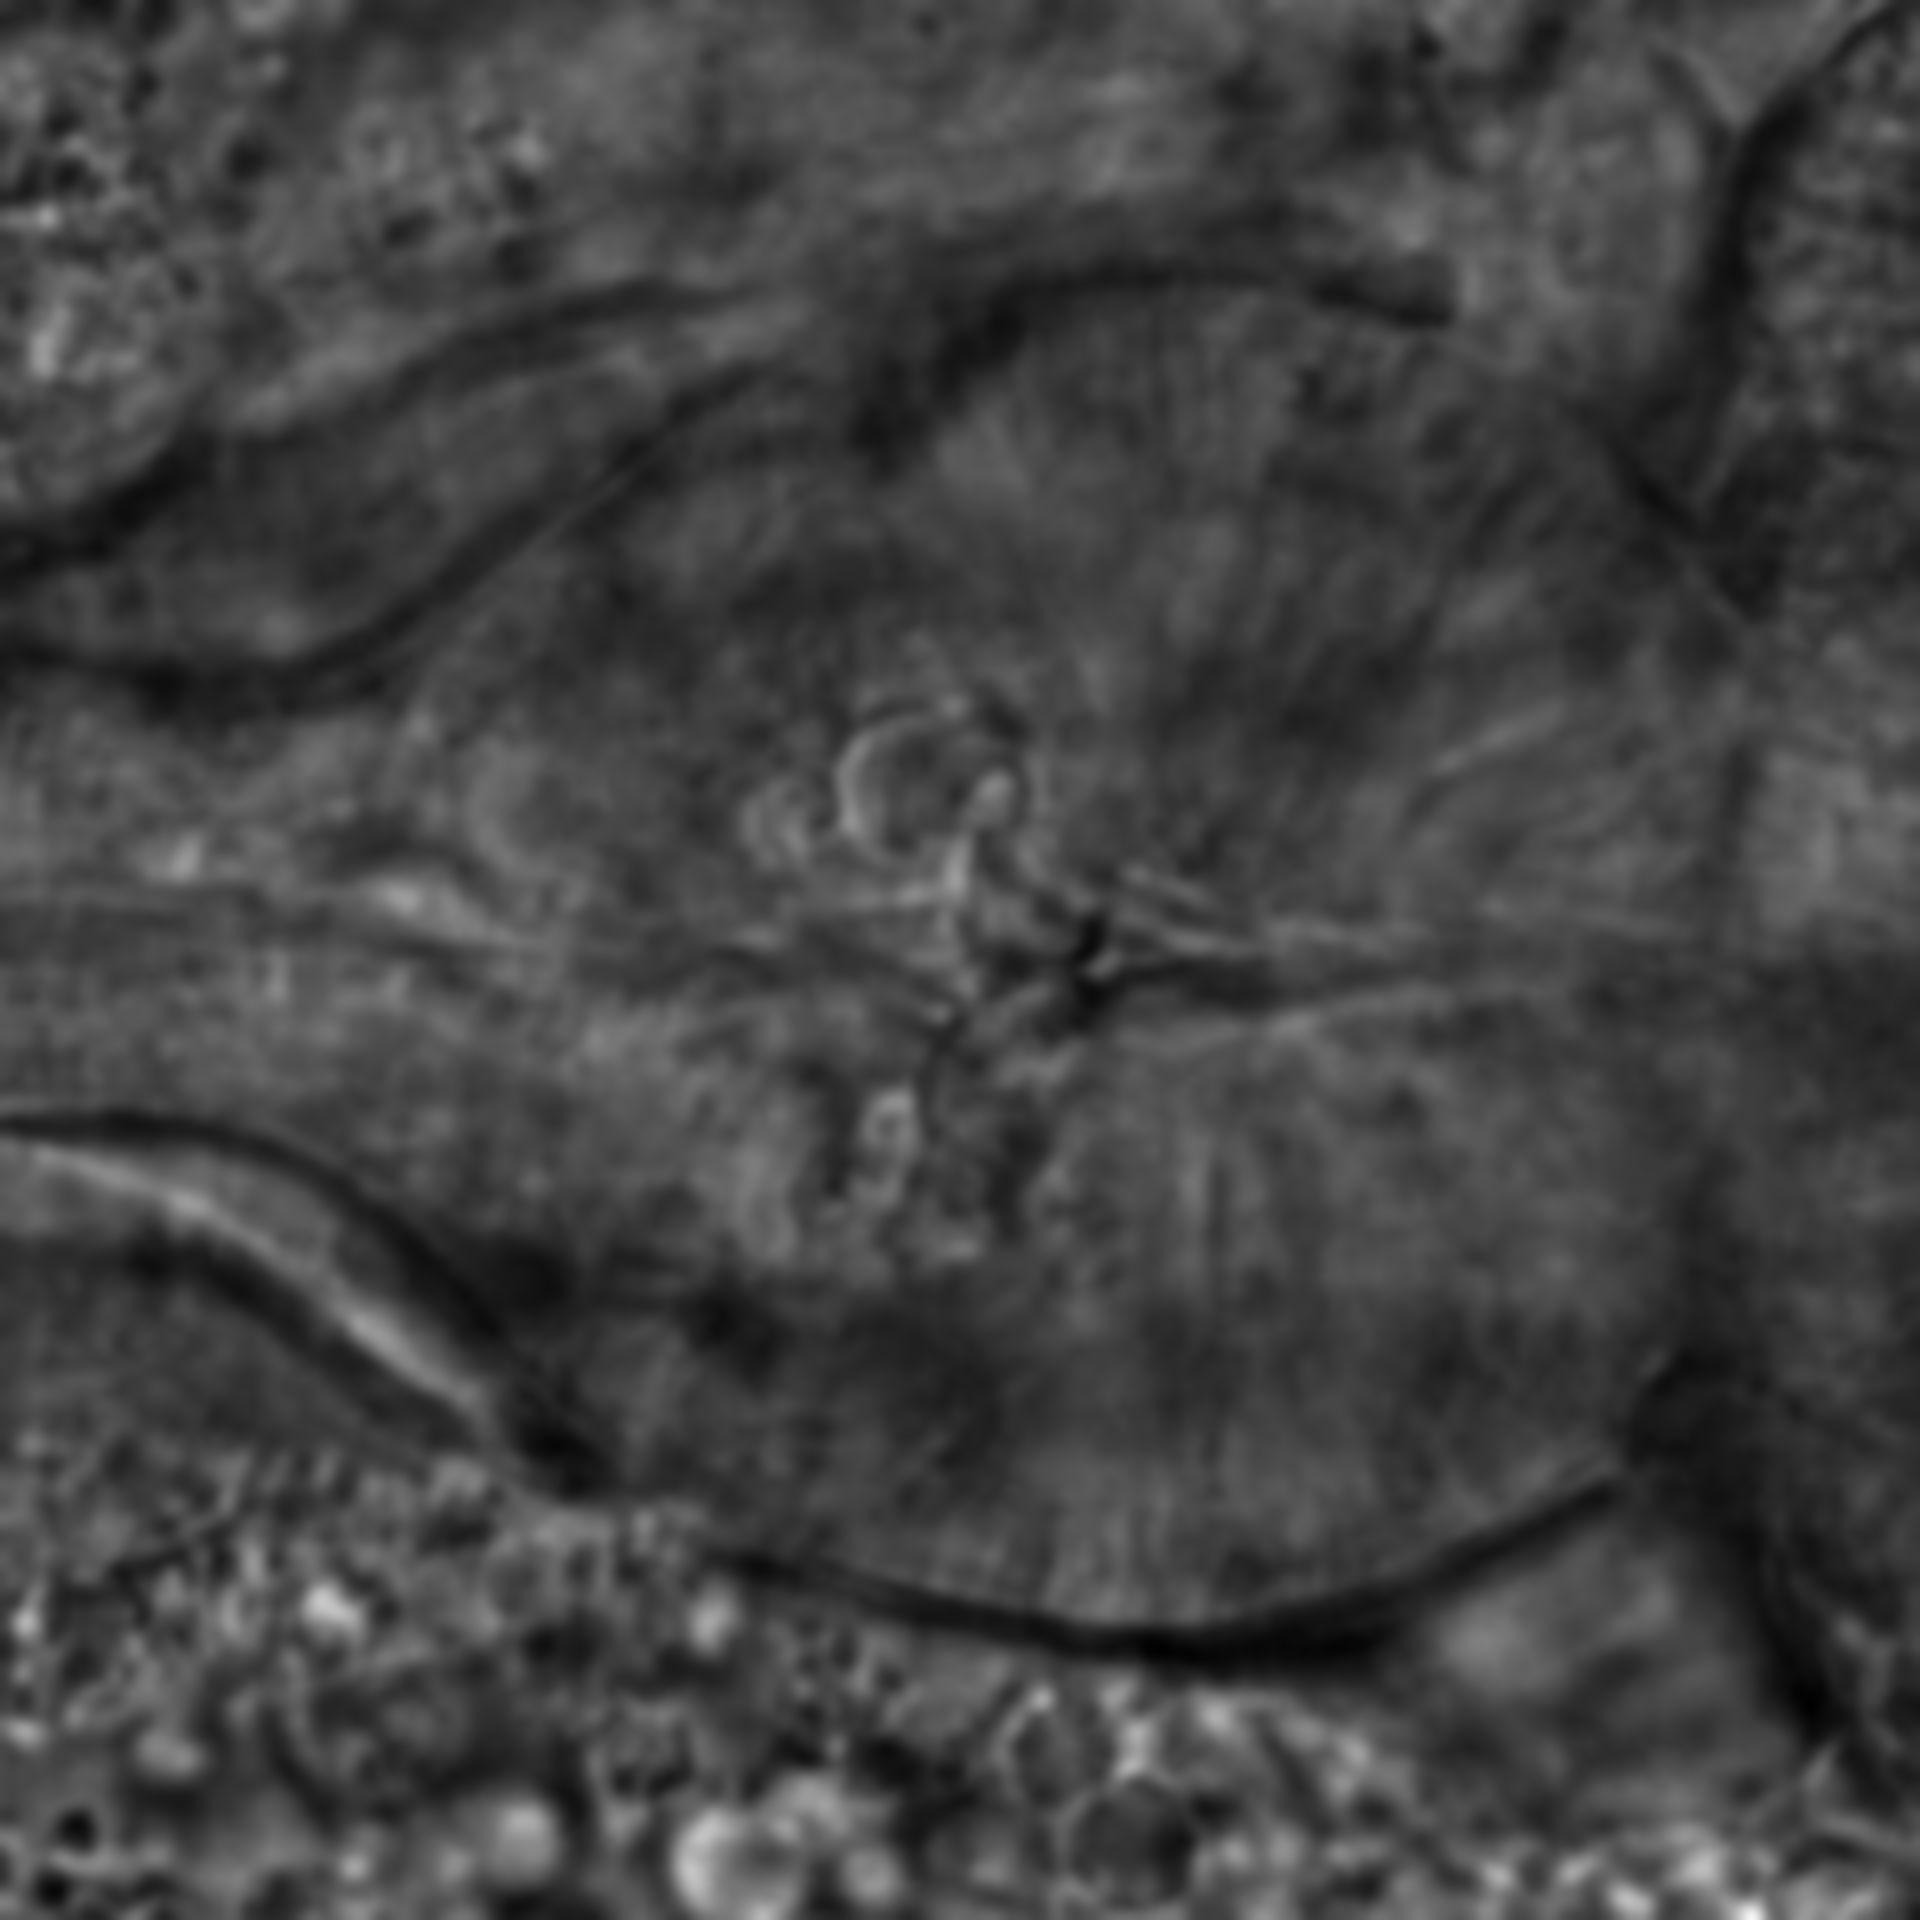 Caenorhabditis elegans - CIL:2206